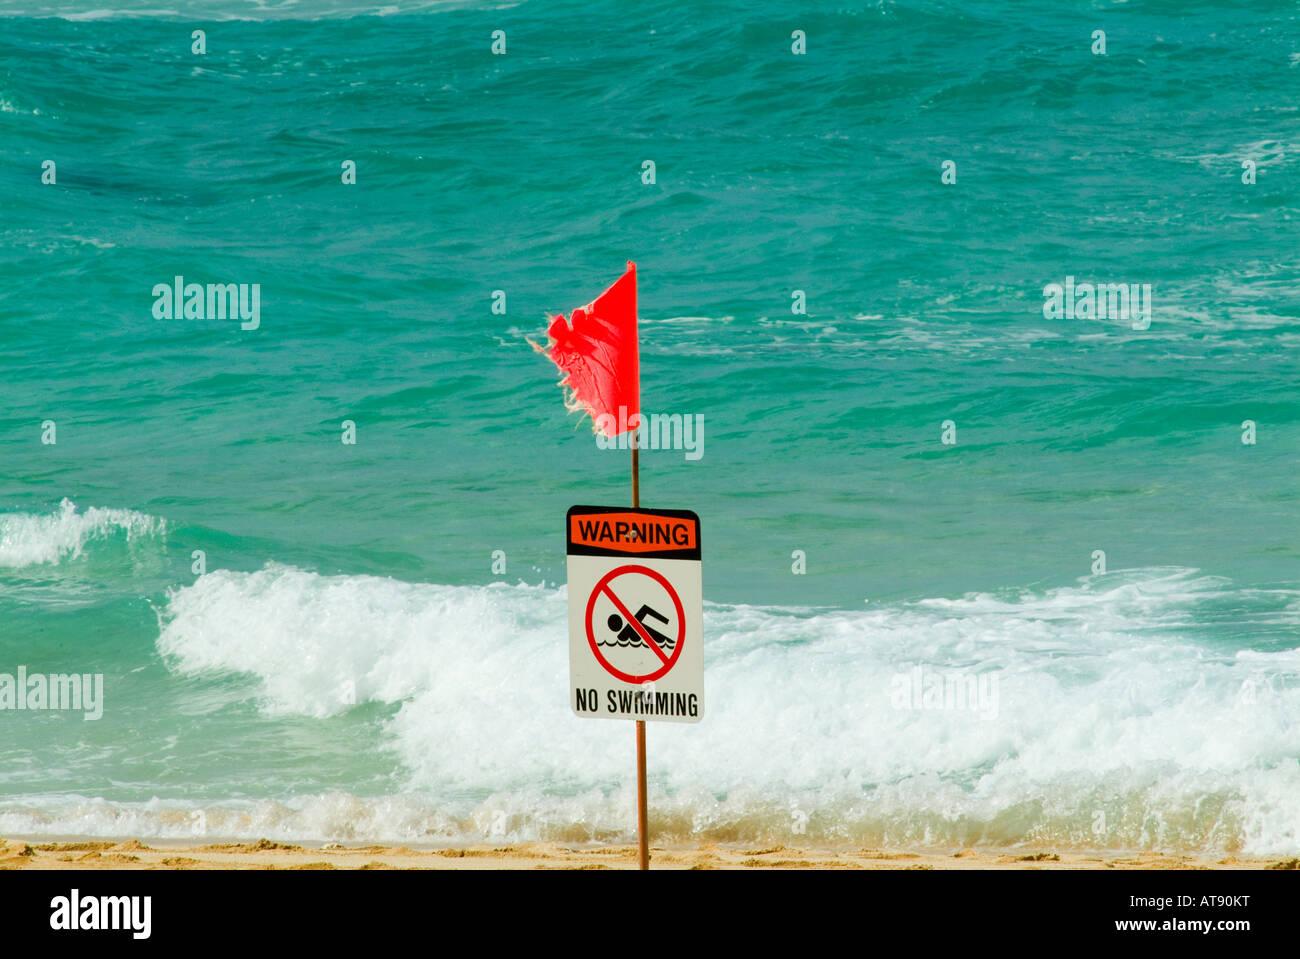 Una bandiera rossa avverte nuotatori di high surf presso la North Shore sull'isola di Oahu. Foto Stock